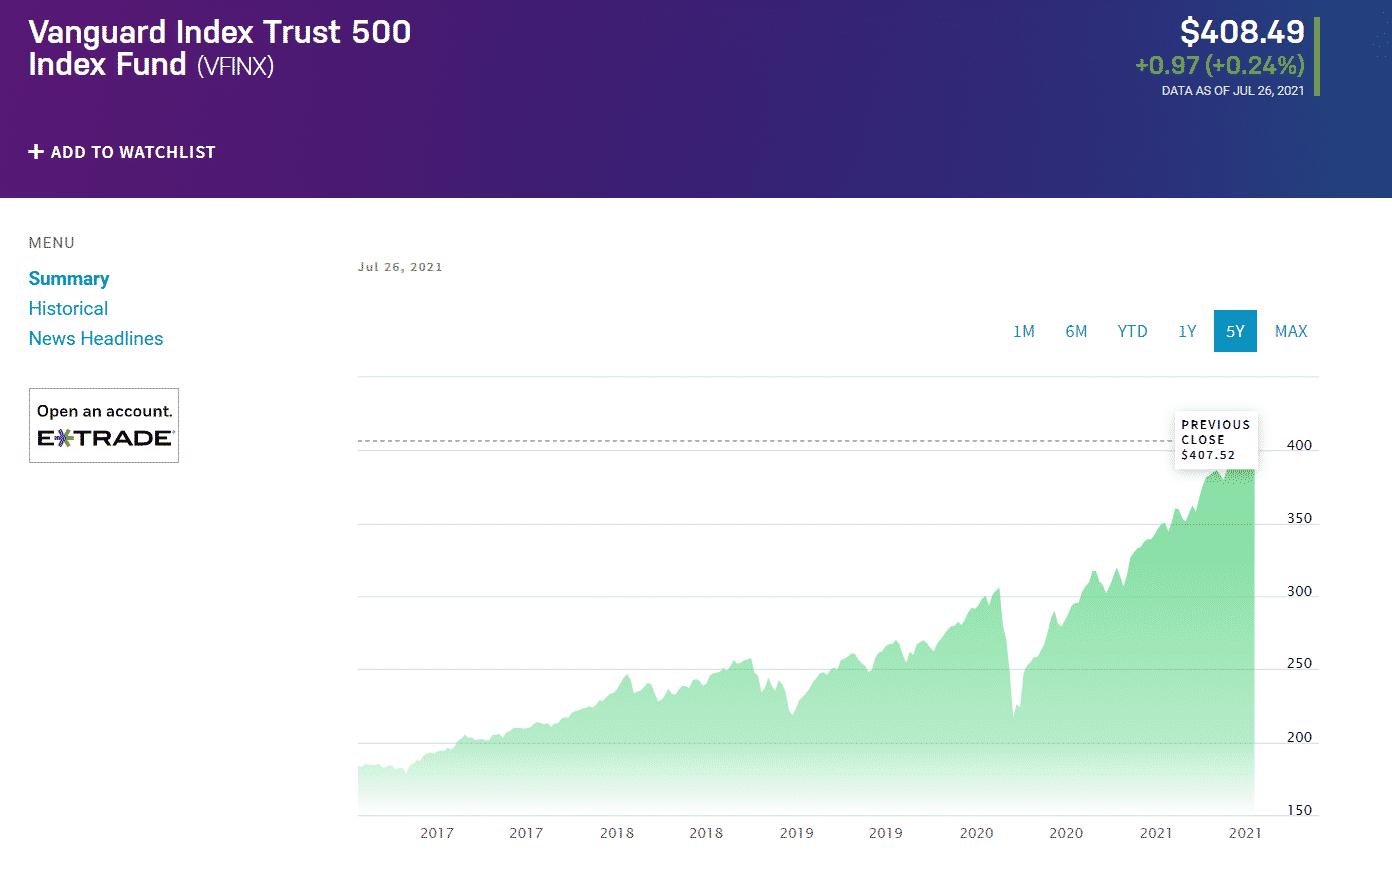 Vanguard 500 Index Trust 500 Index Fund (VFINX)